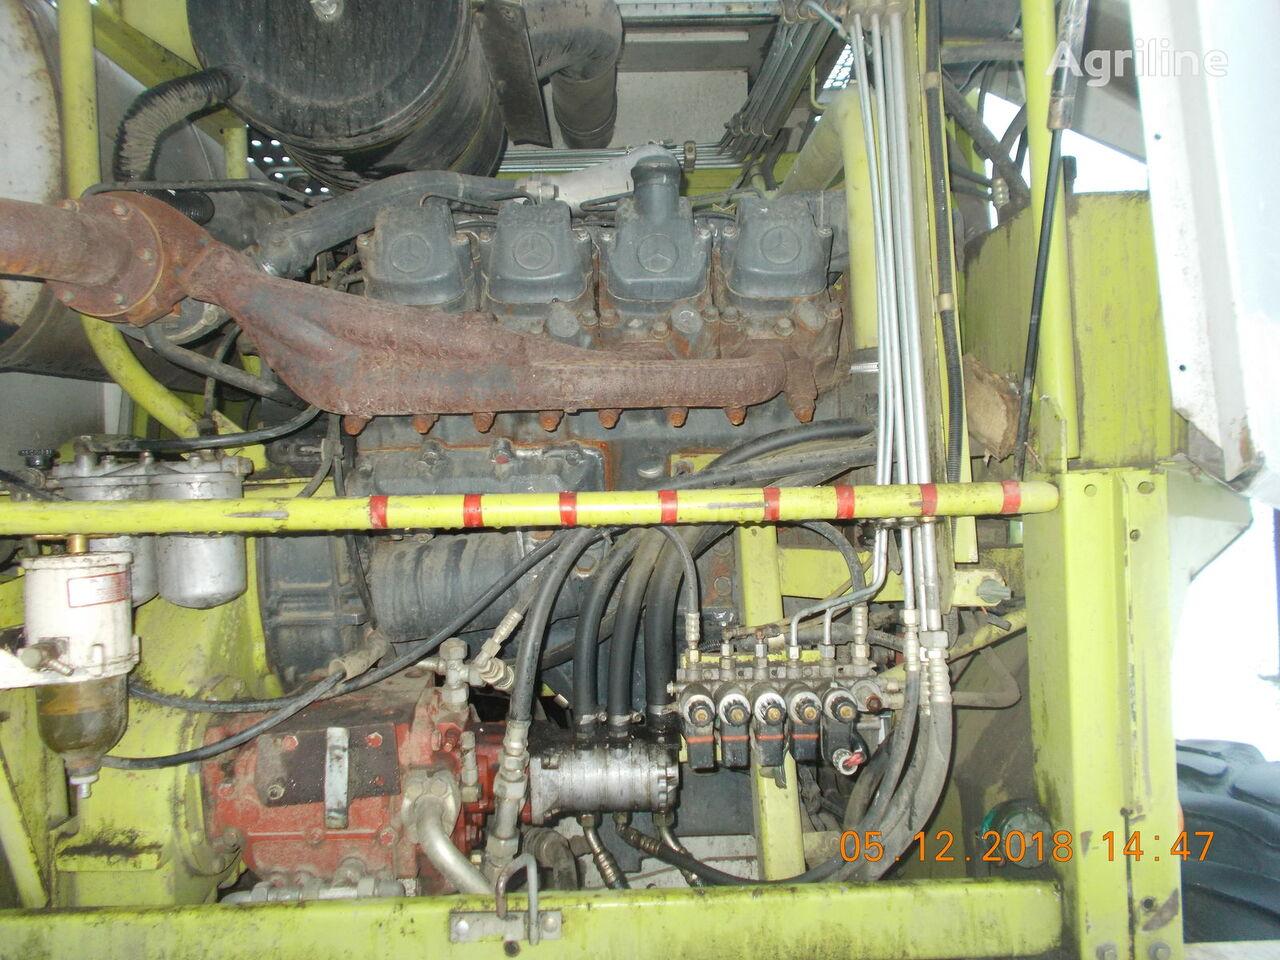 двигатель MERCEDES-BENZ OM 402 LA для зерноуборочного комбайна CLAAS Jaguar 840